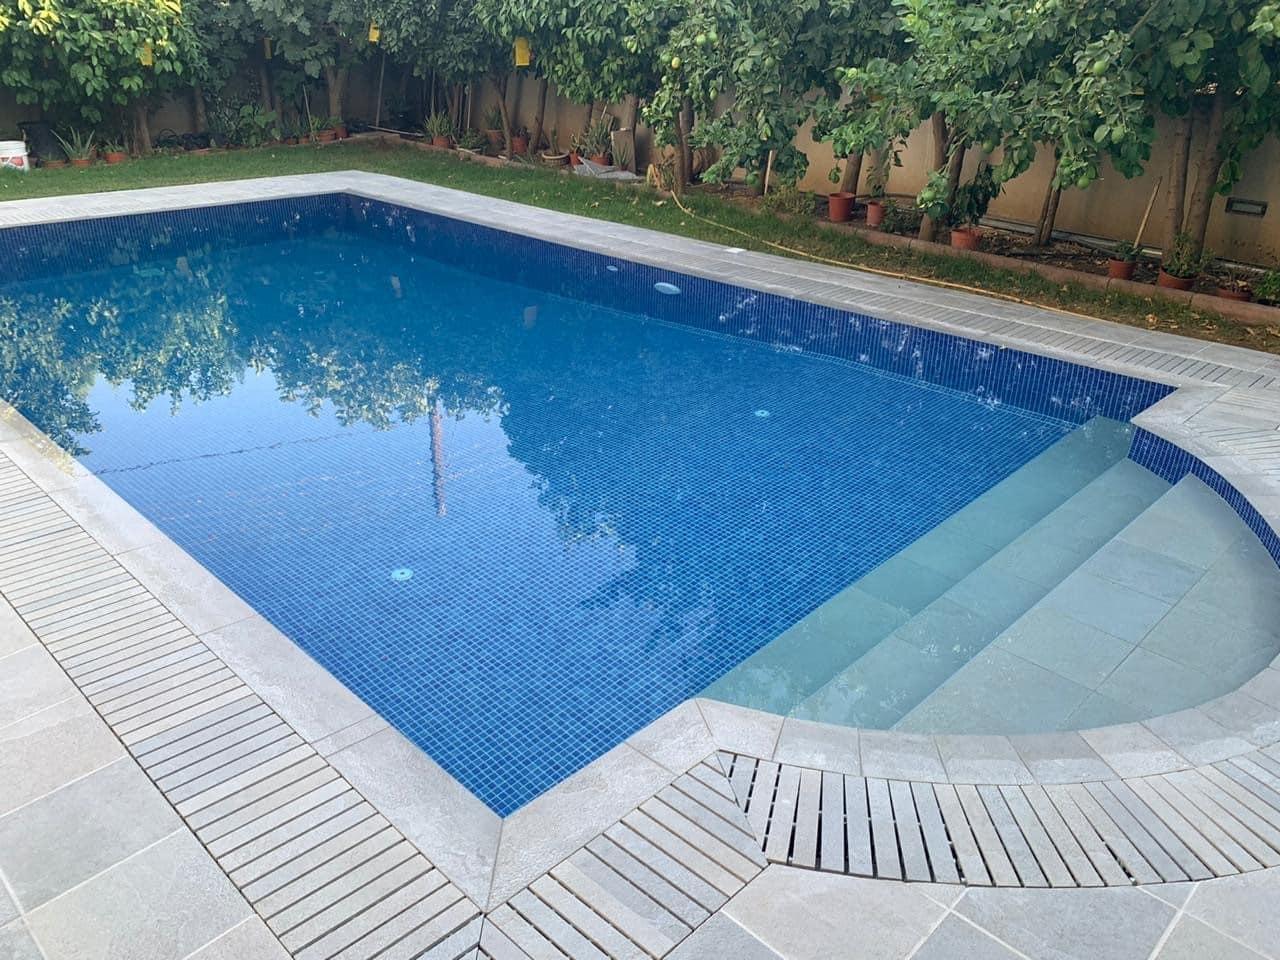 basen-budowa-przelewowy-kratka-kamienna-ceramiczna-przelewowa-przelew